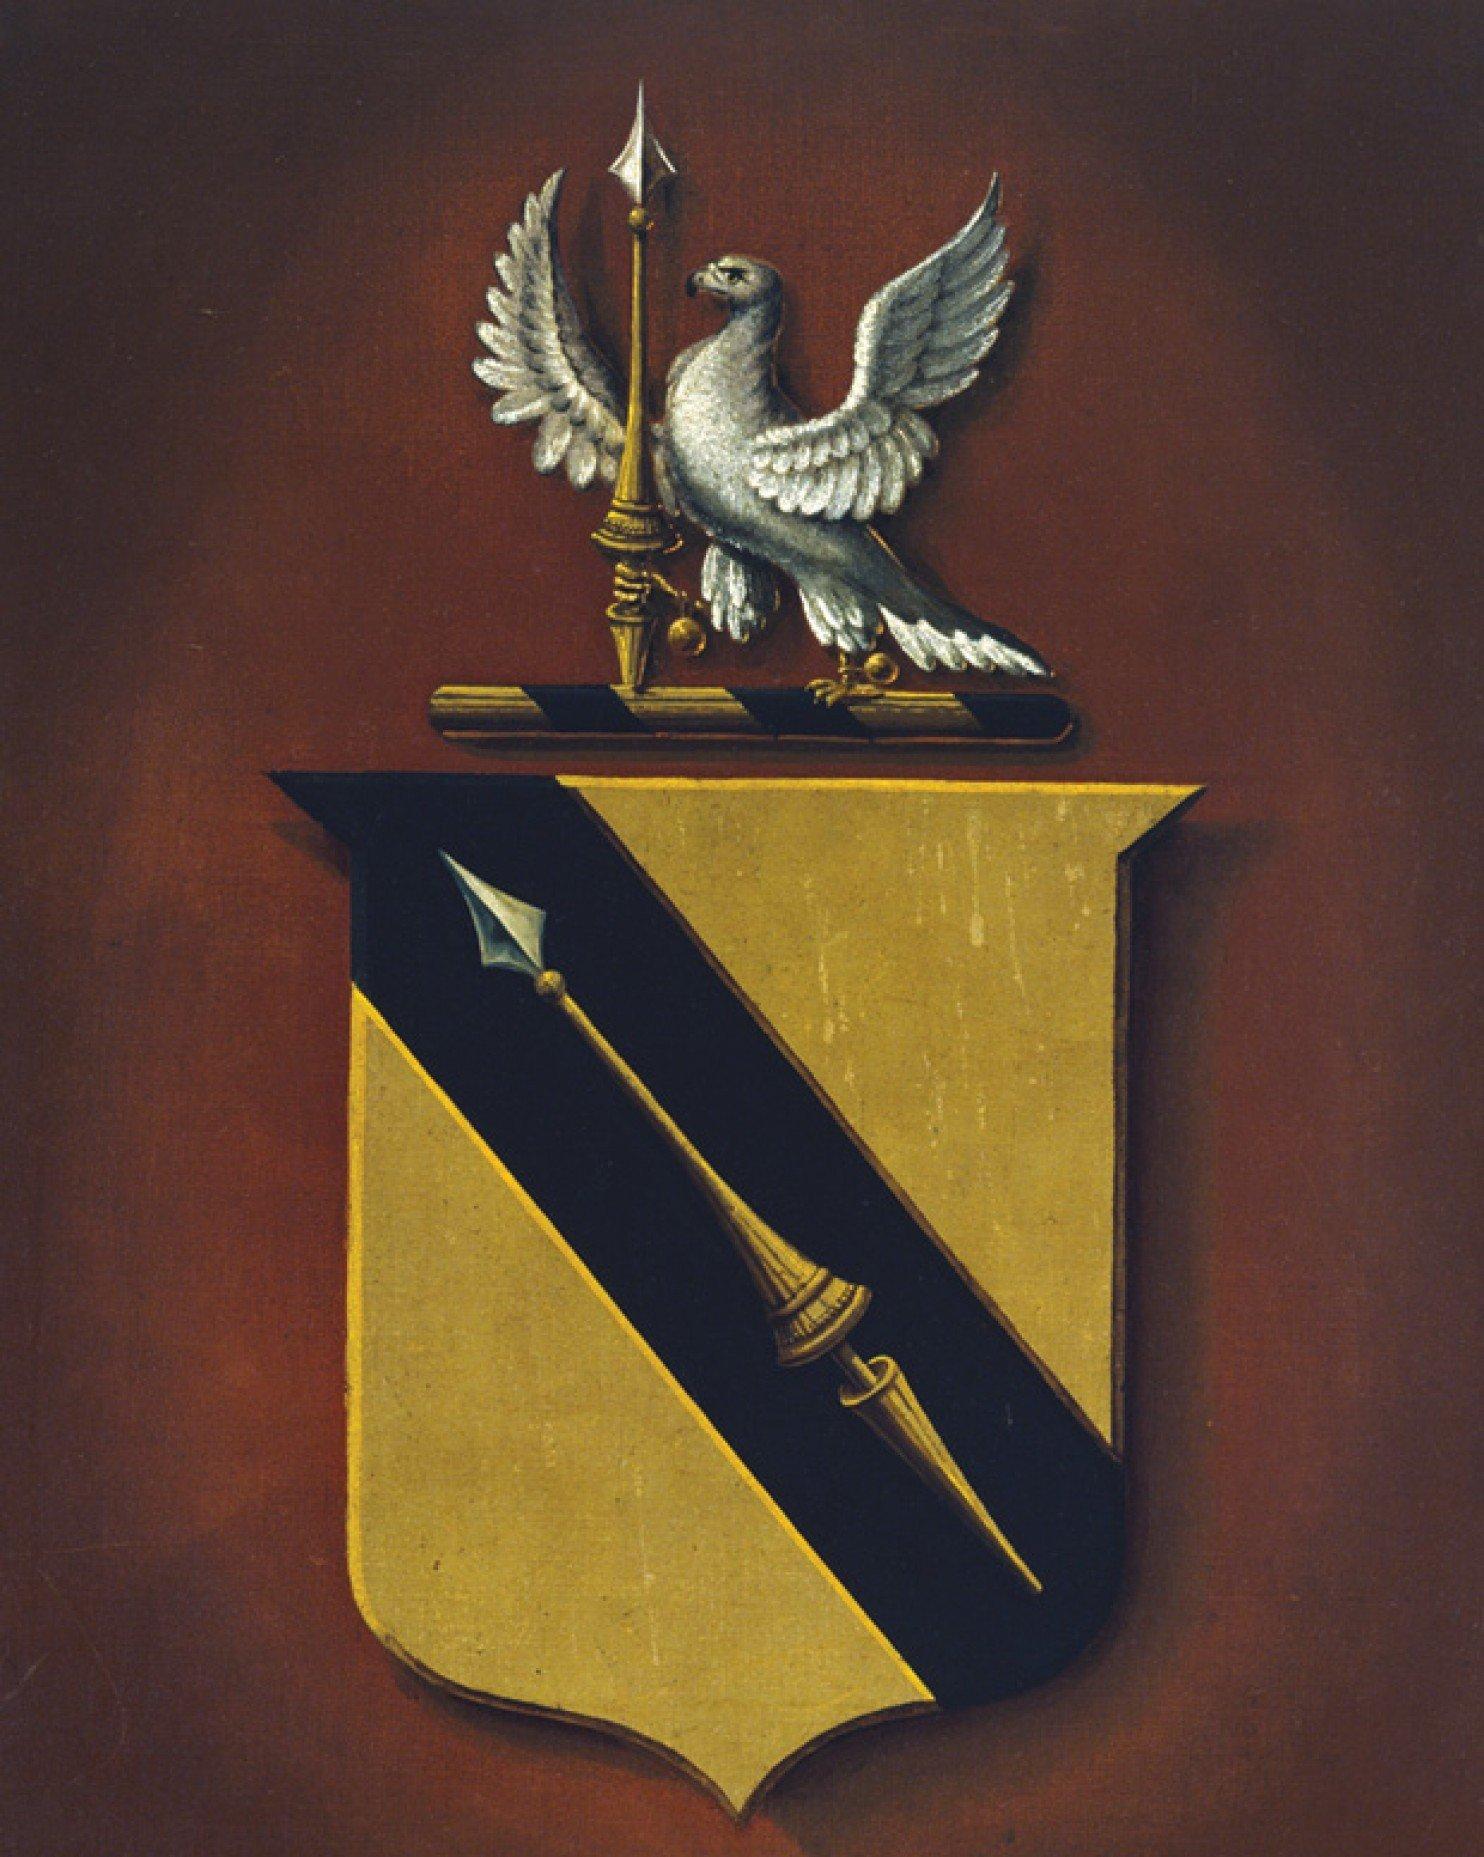 Reproducción del escudo